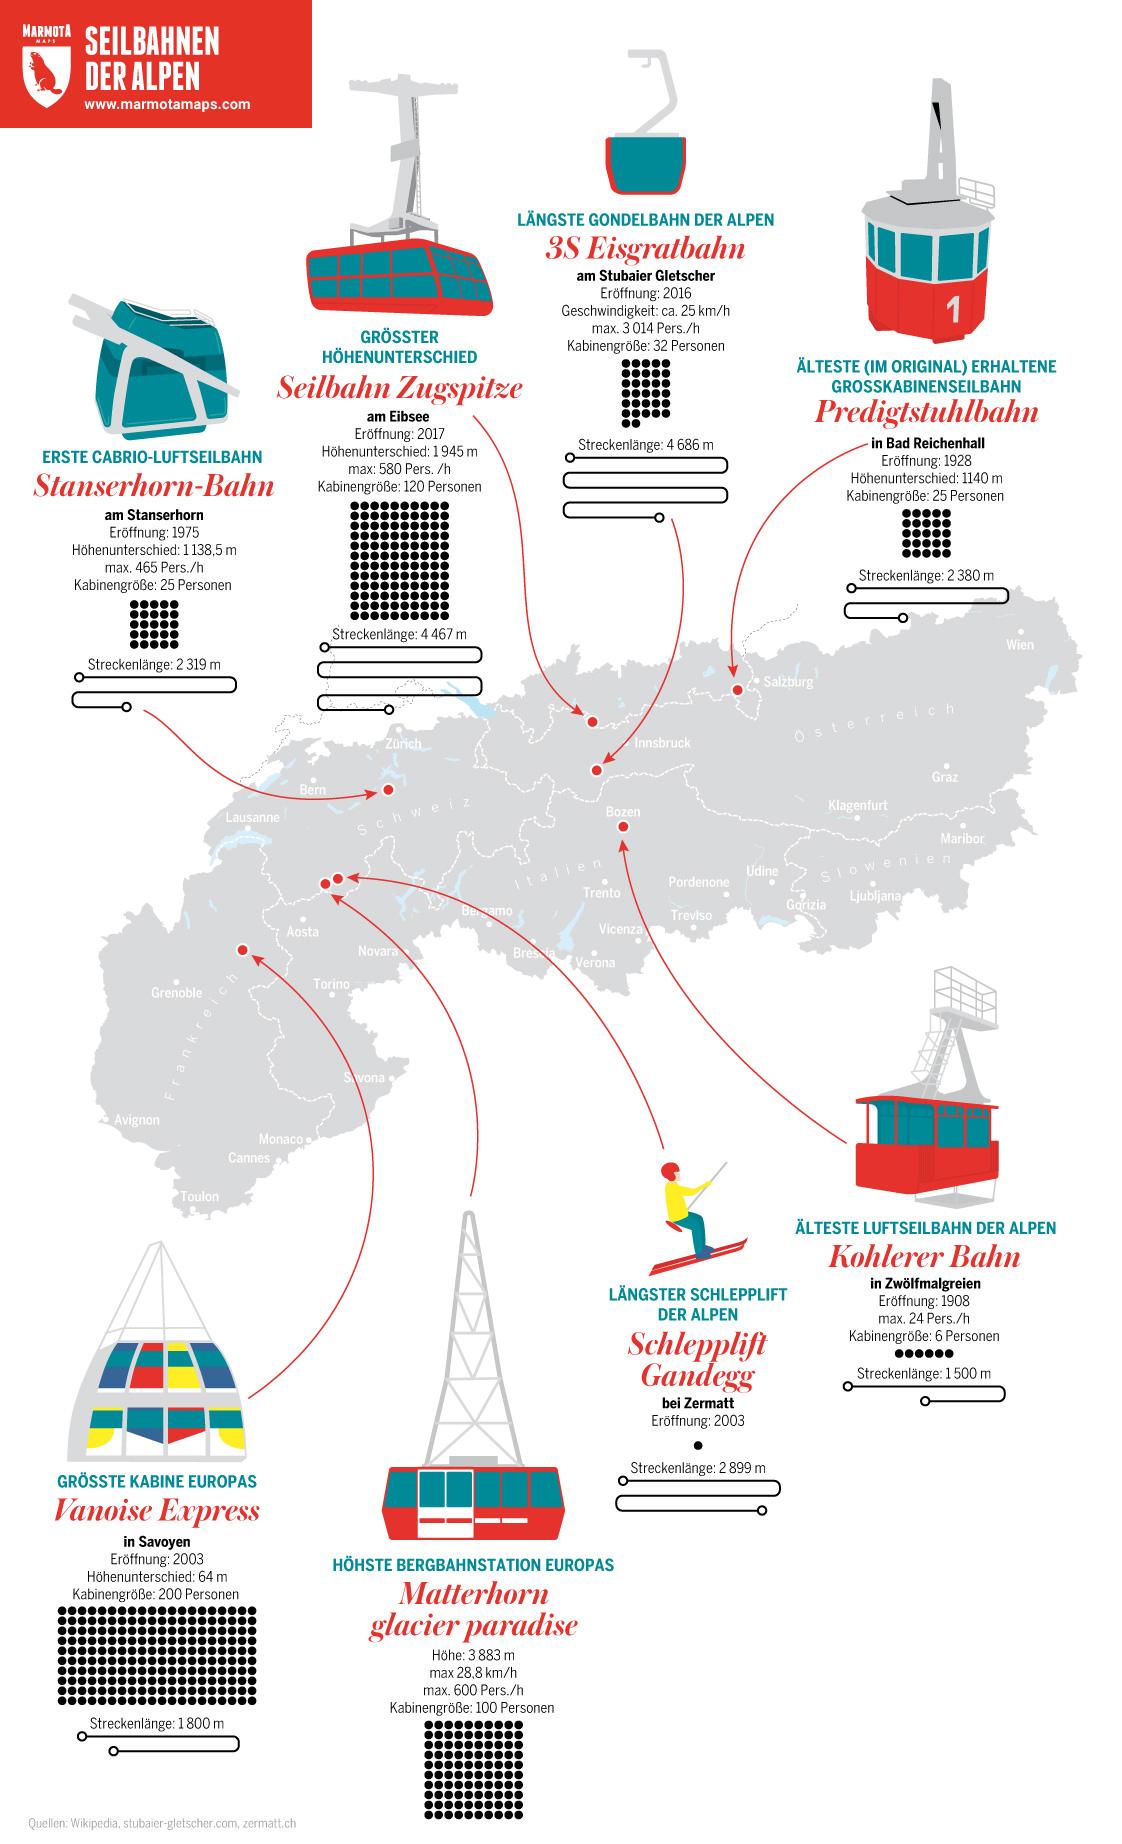 Infografik Seilbahnen Superlative - Die ältesten, längsten und größten Seilbahnen der Alpen - und weitere Rekorde